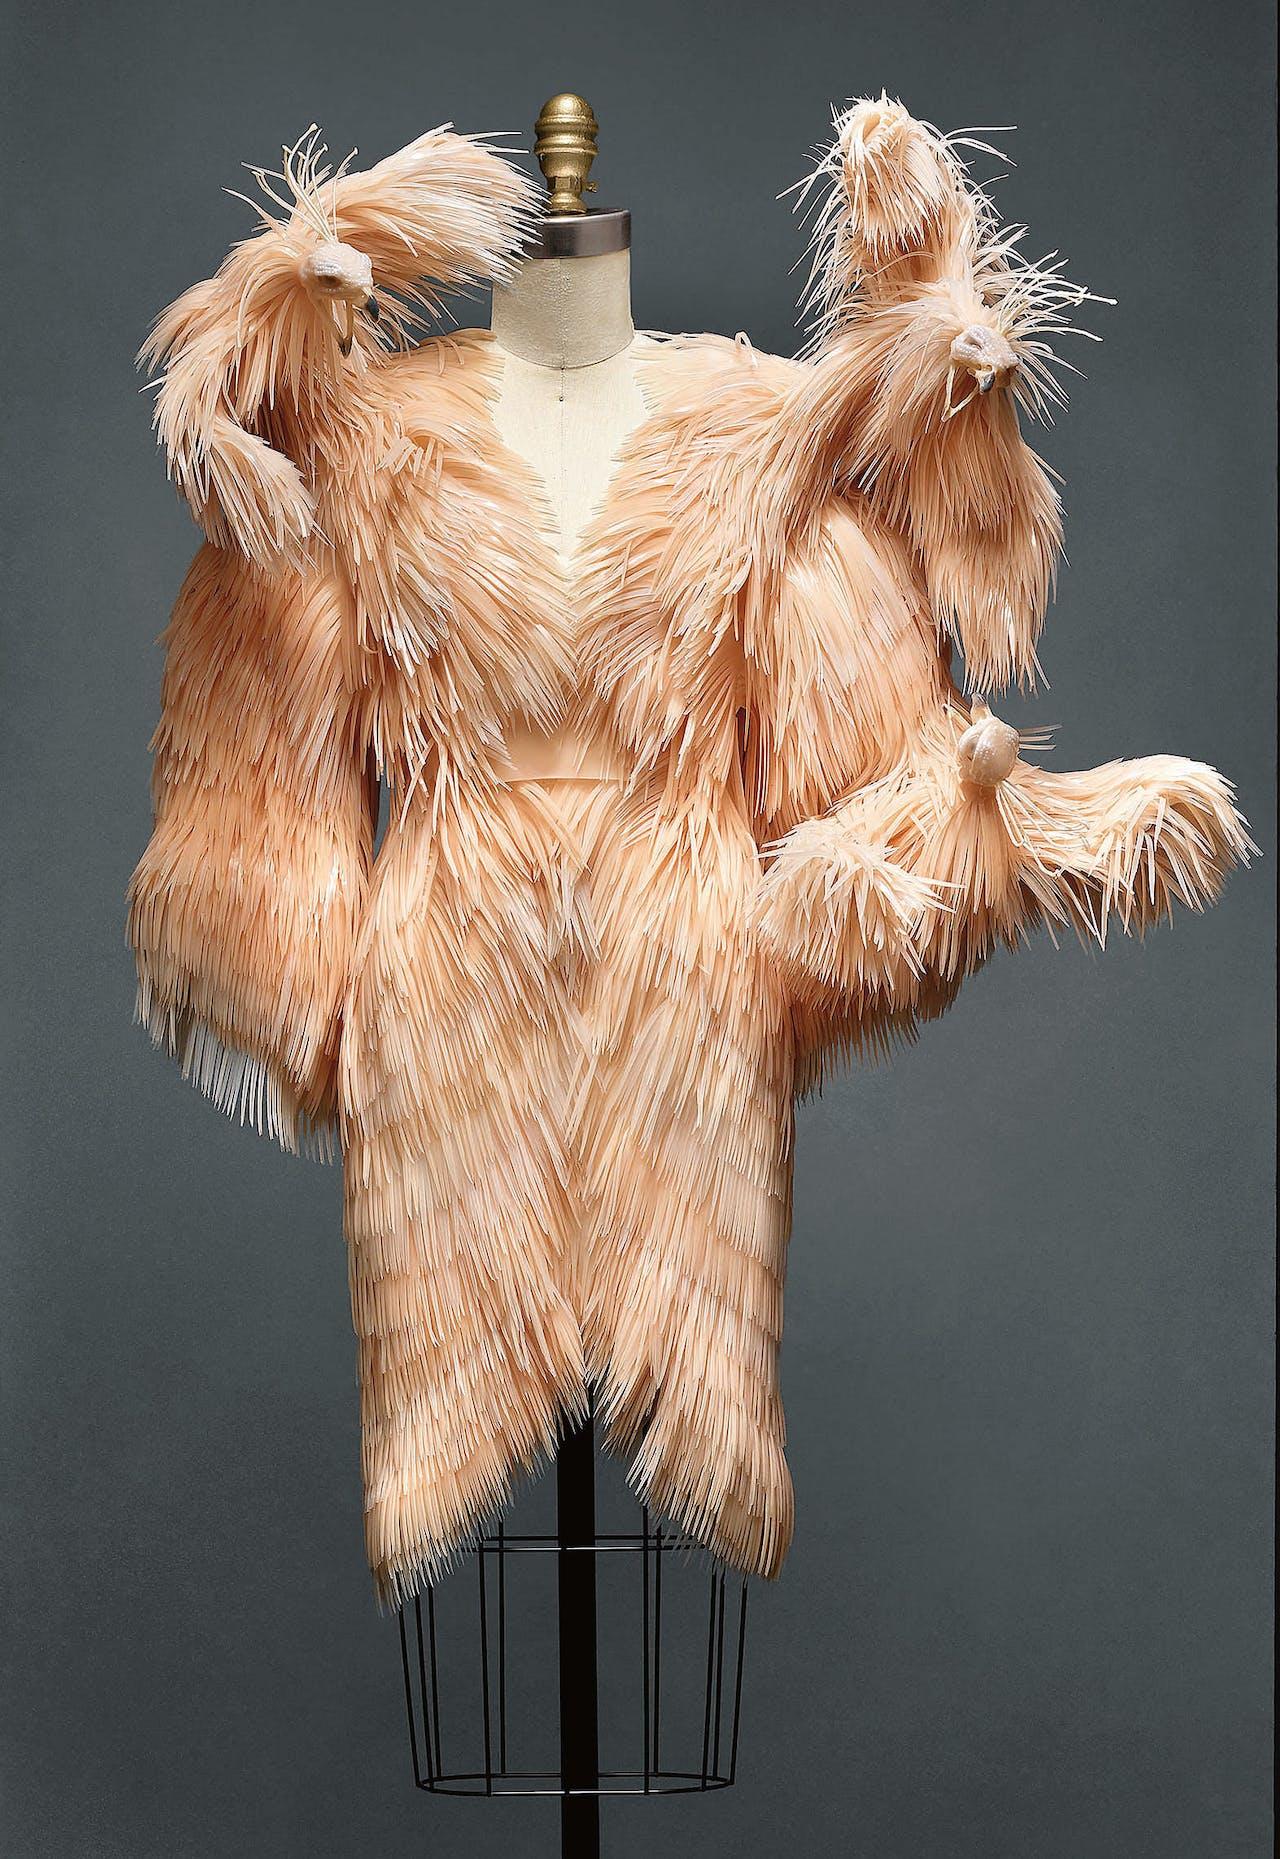 Deze jurk, herfst-winter 2013-2014, was te zien op de 'Manus x Machina'-tentoonstelling in het Metropolitan Museum in New York.